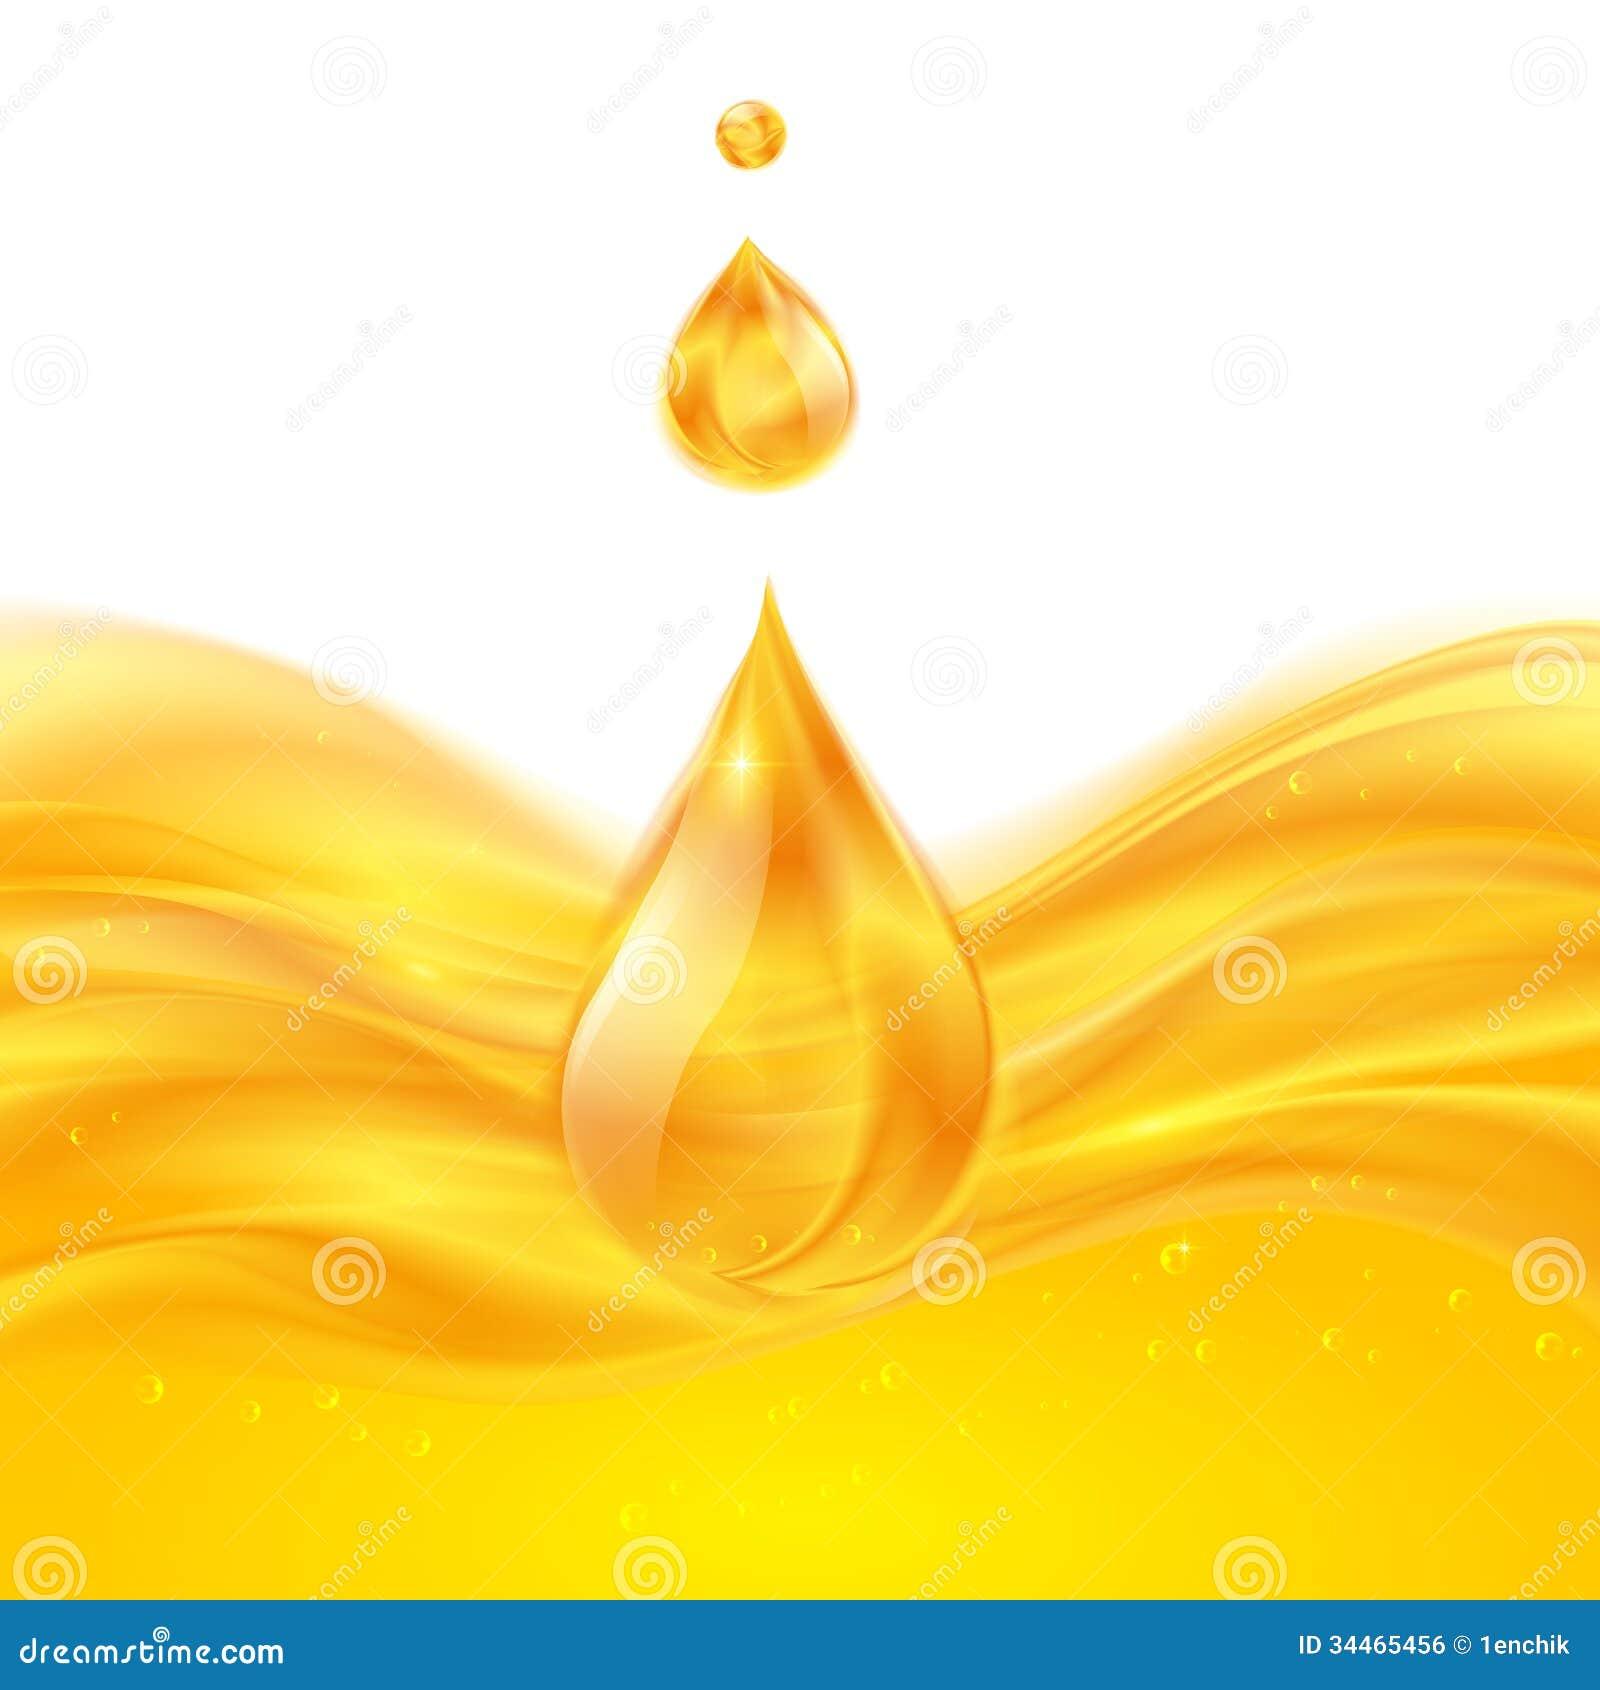 Hacer Del Baño Liquido Amarillo ~ Dikidu.com